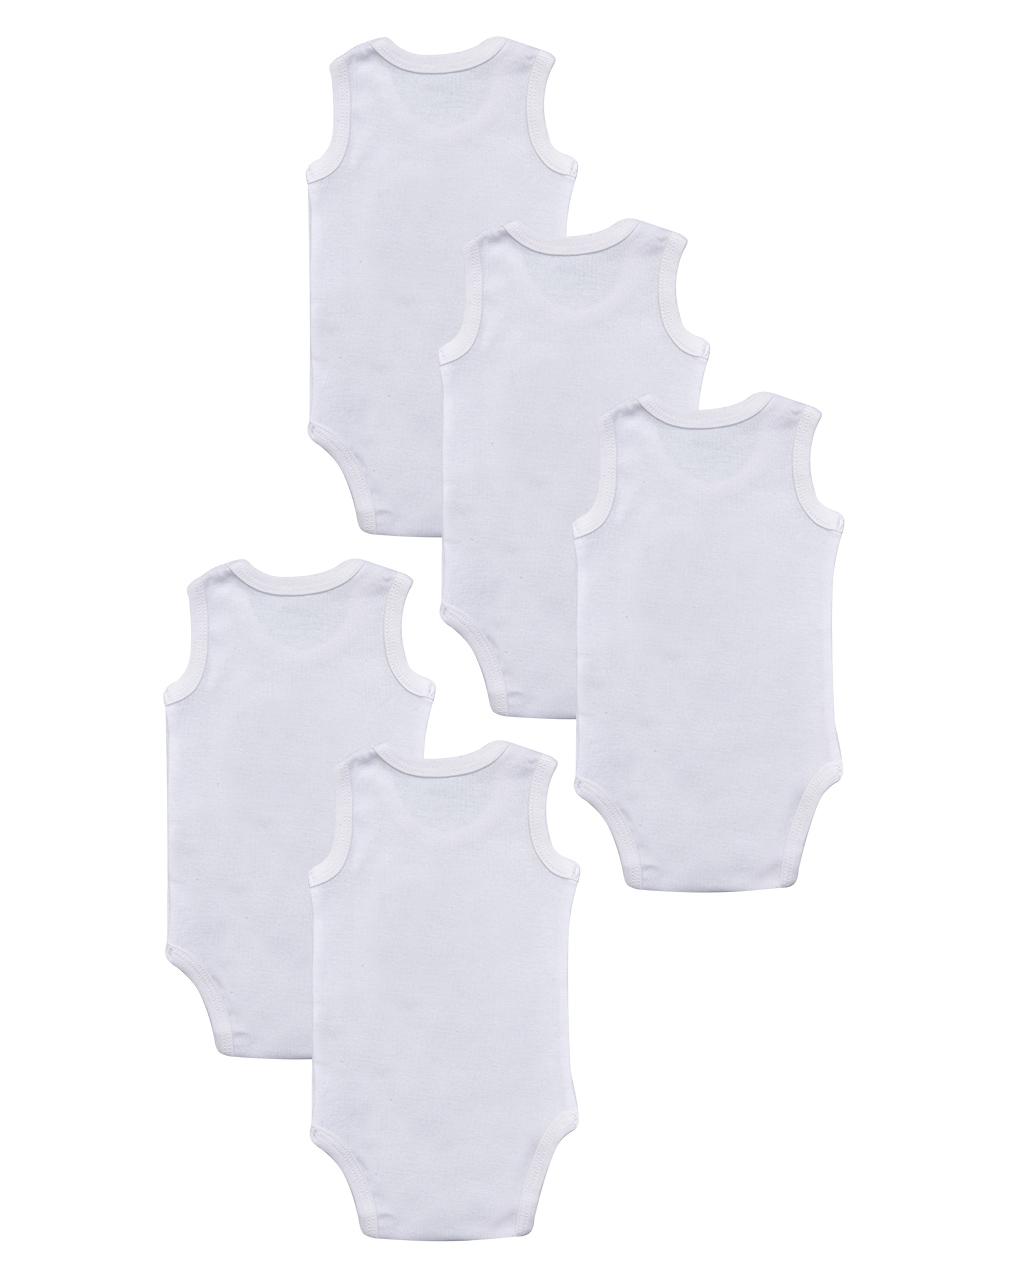 Pacote de 5 bodysuits brancos com animais - Prénatal